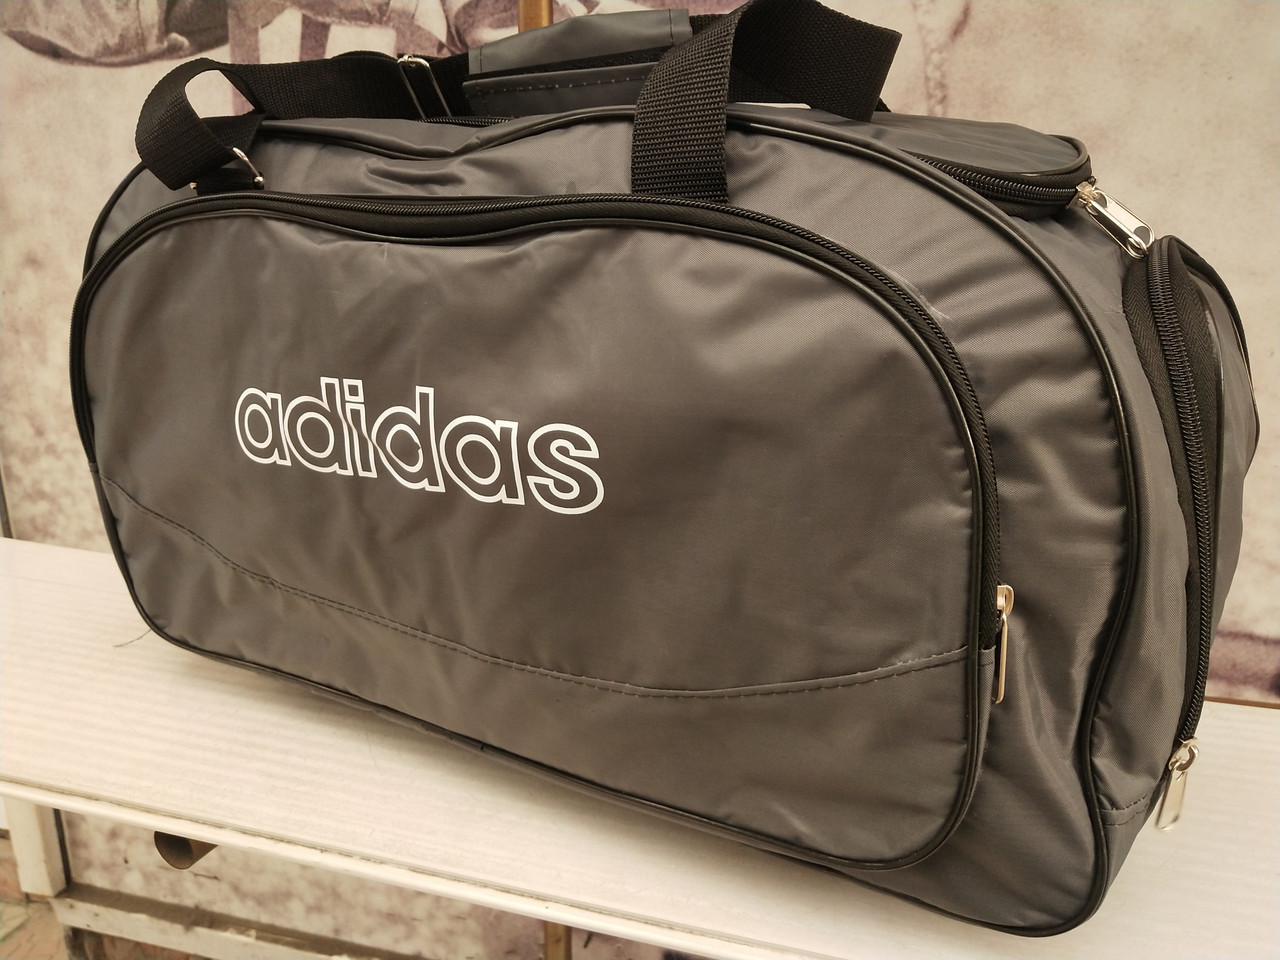 Сумка Дорожная adidas с отделом для обуви. Серый